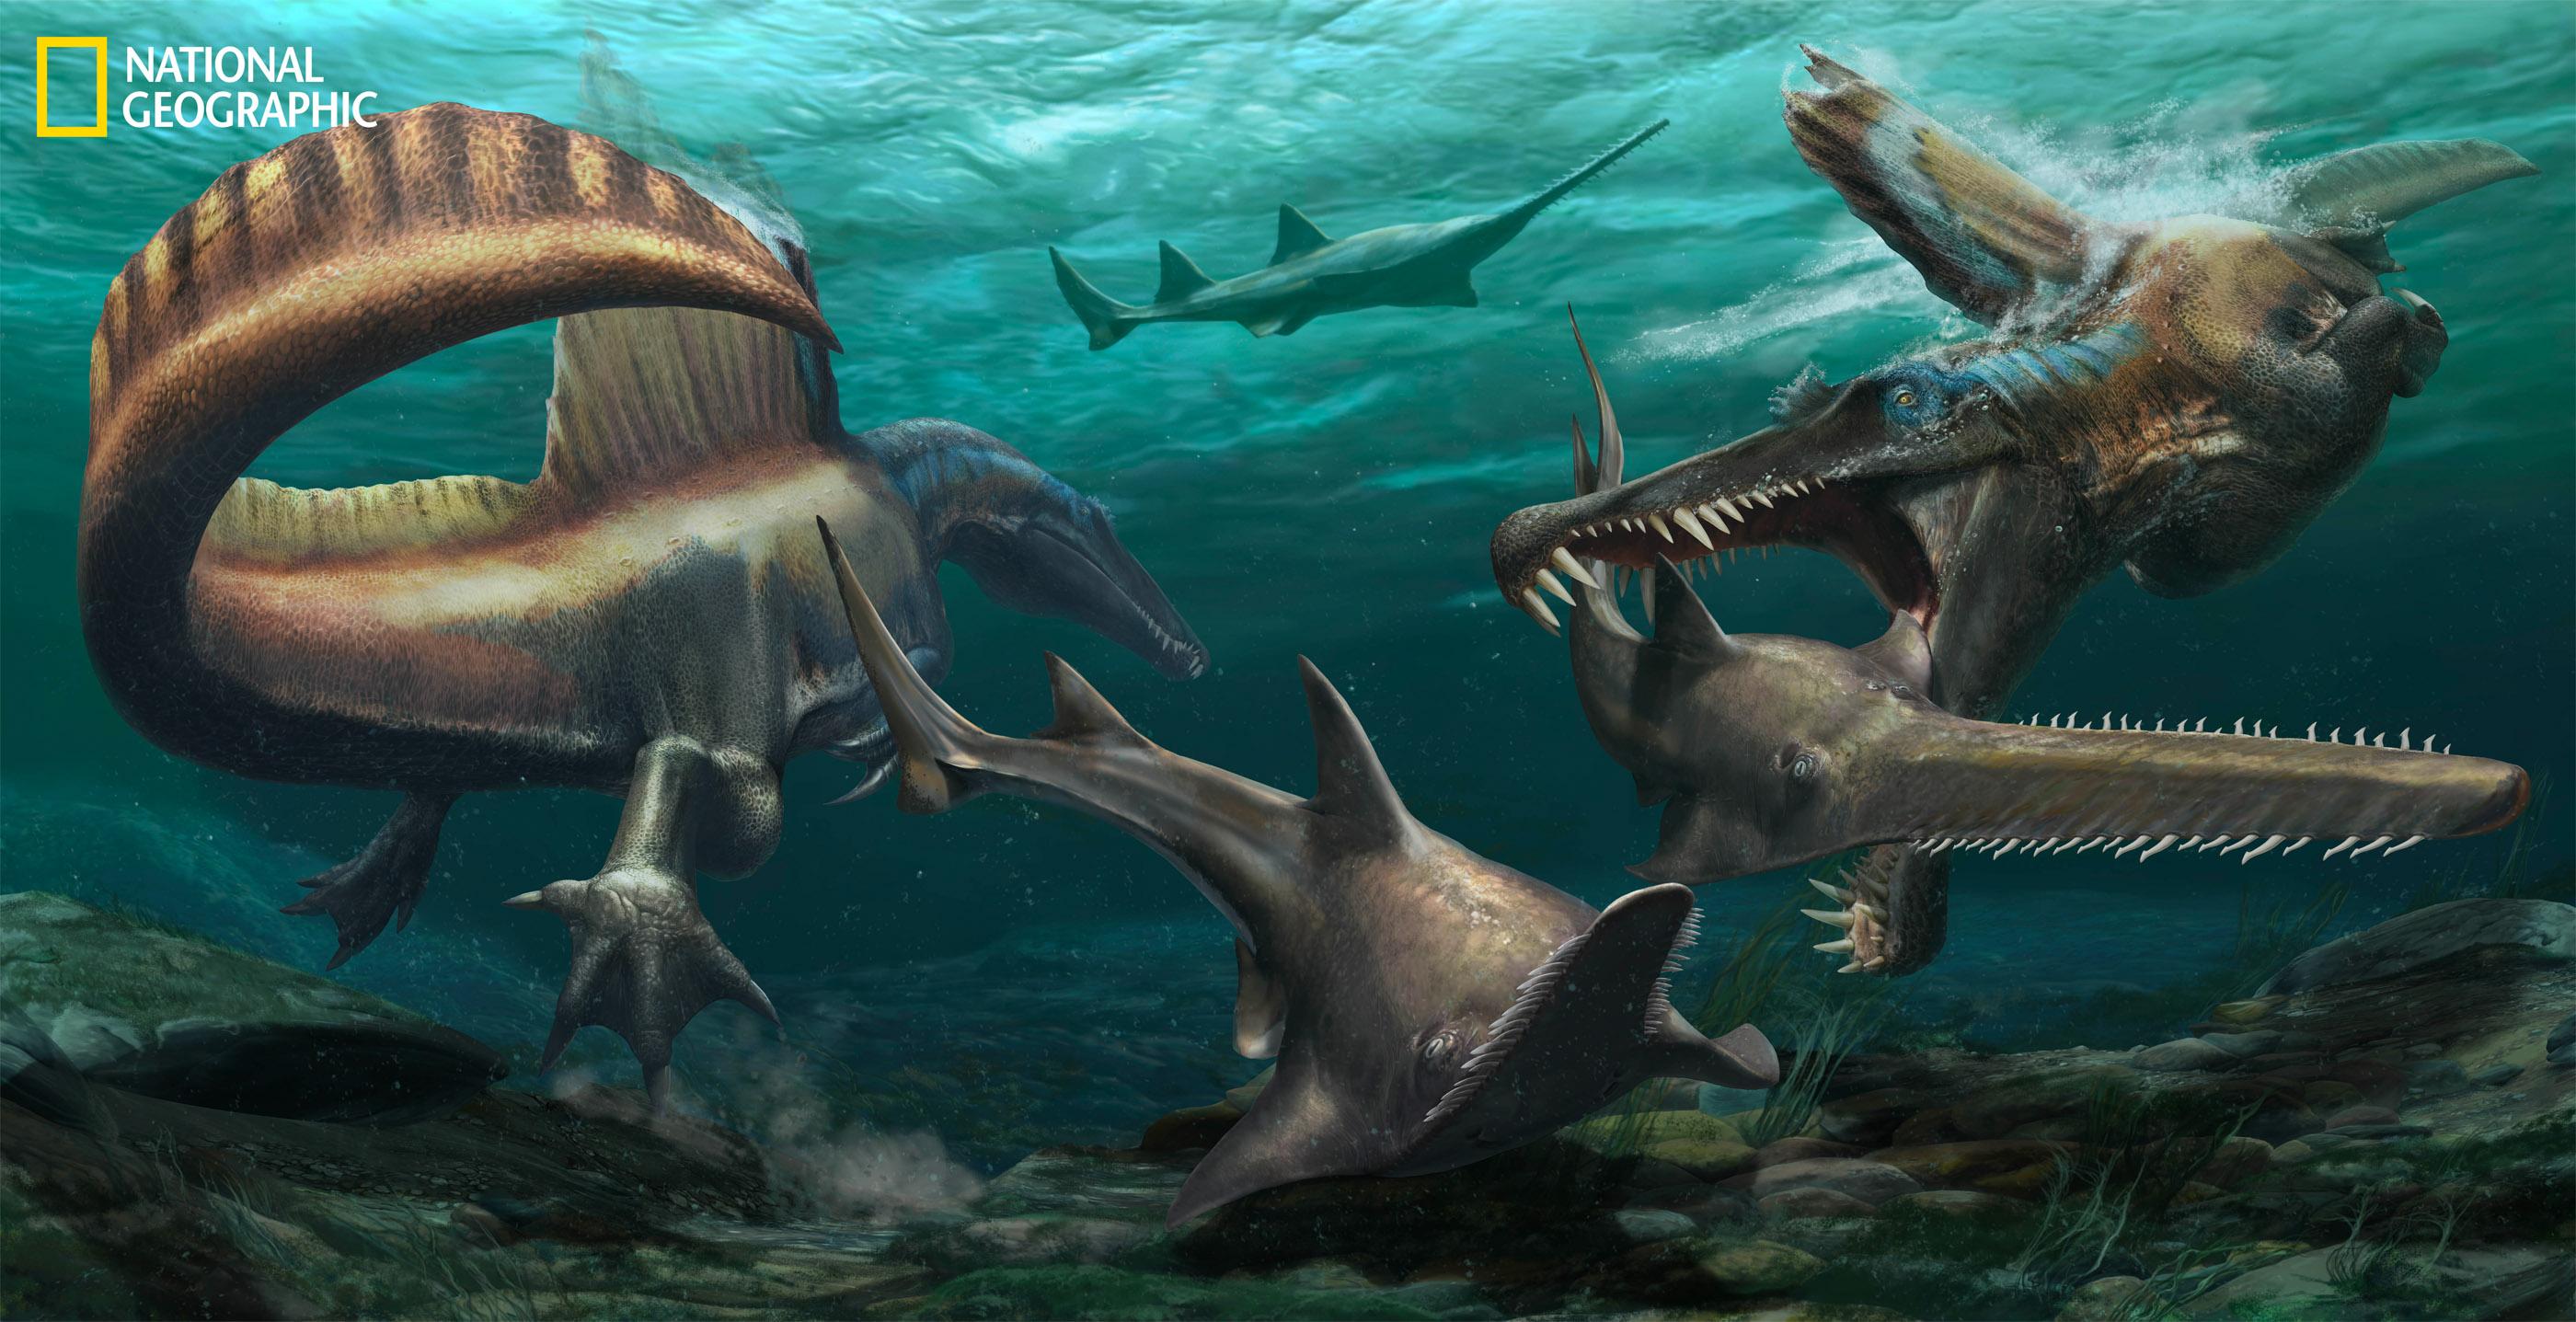 Deux Spinosaurus chassent l'Onchopristis, un poisson-scie préhistorique, dans les eaux du système fluvial Kem Kem dans l'actuel Maroc.